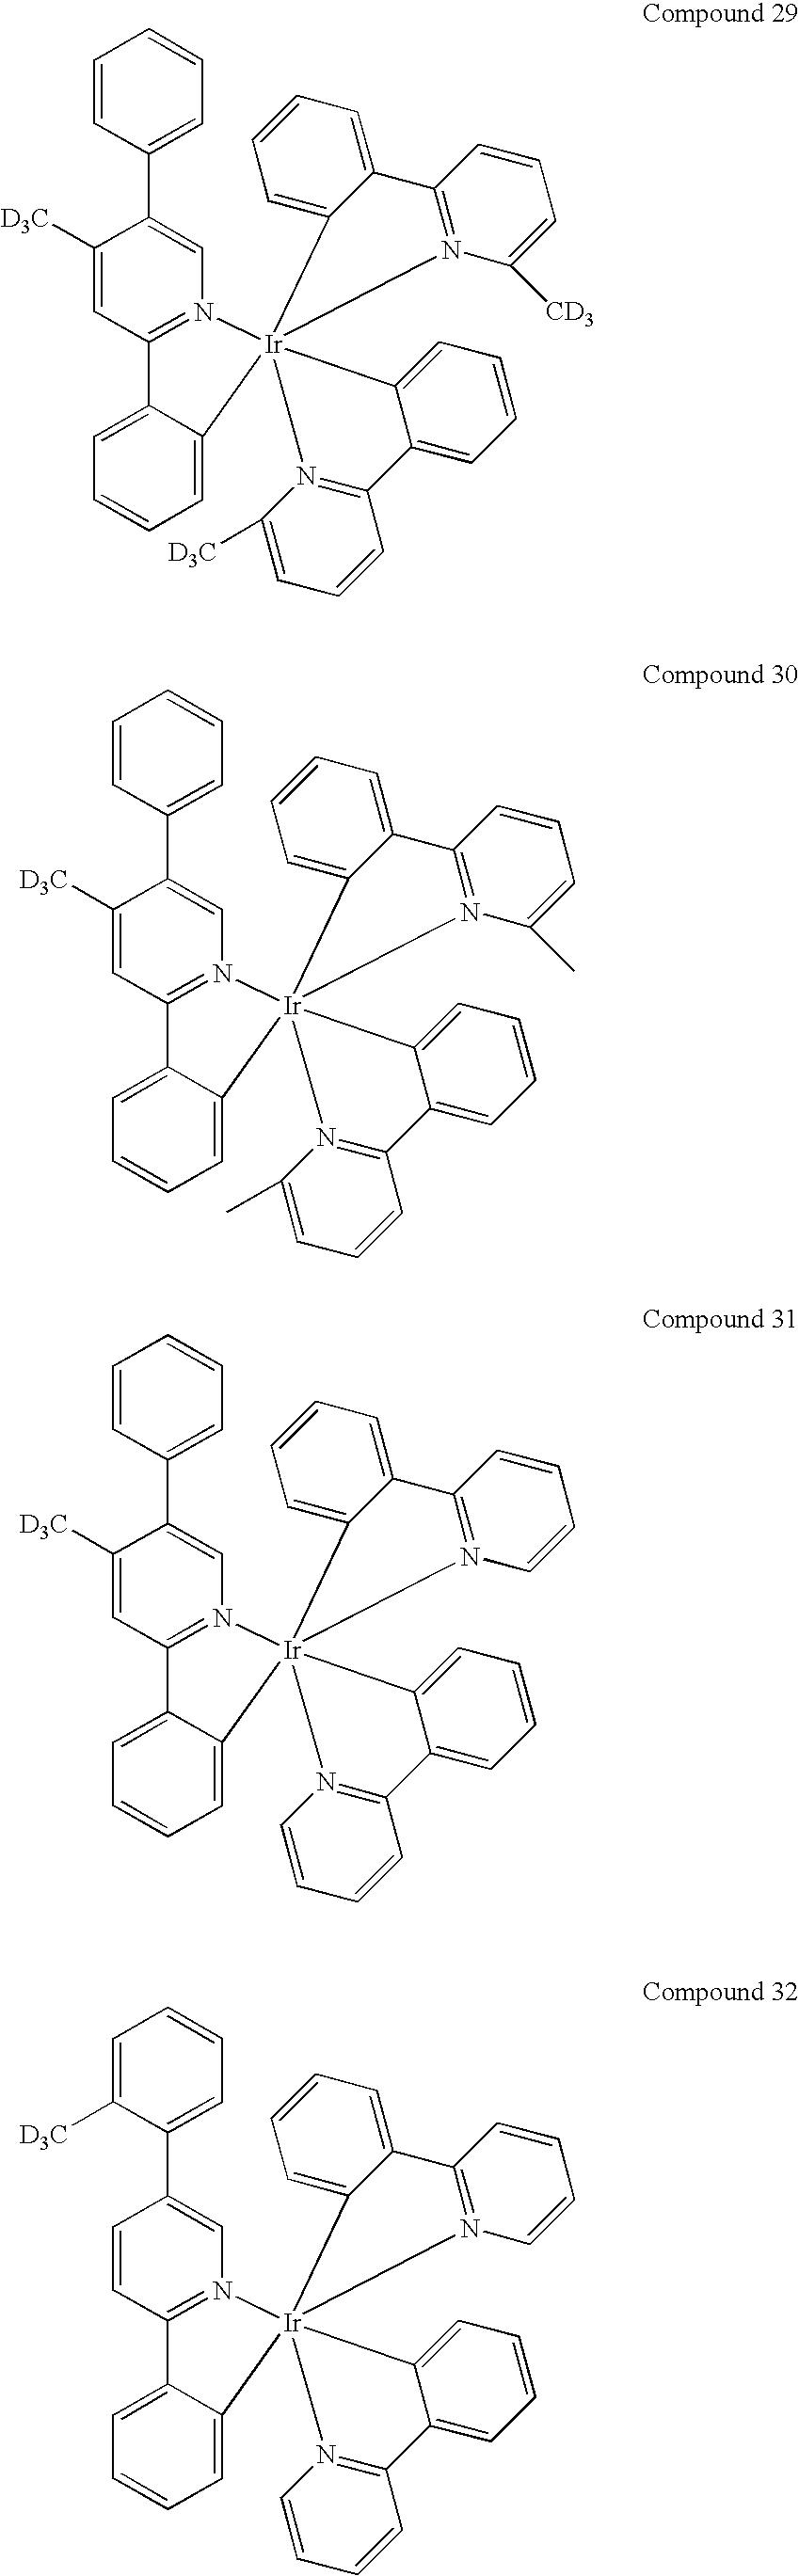 Figure US20100270916A1-20101028-C00022